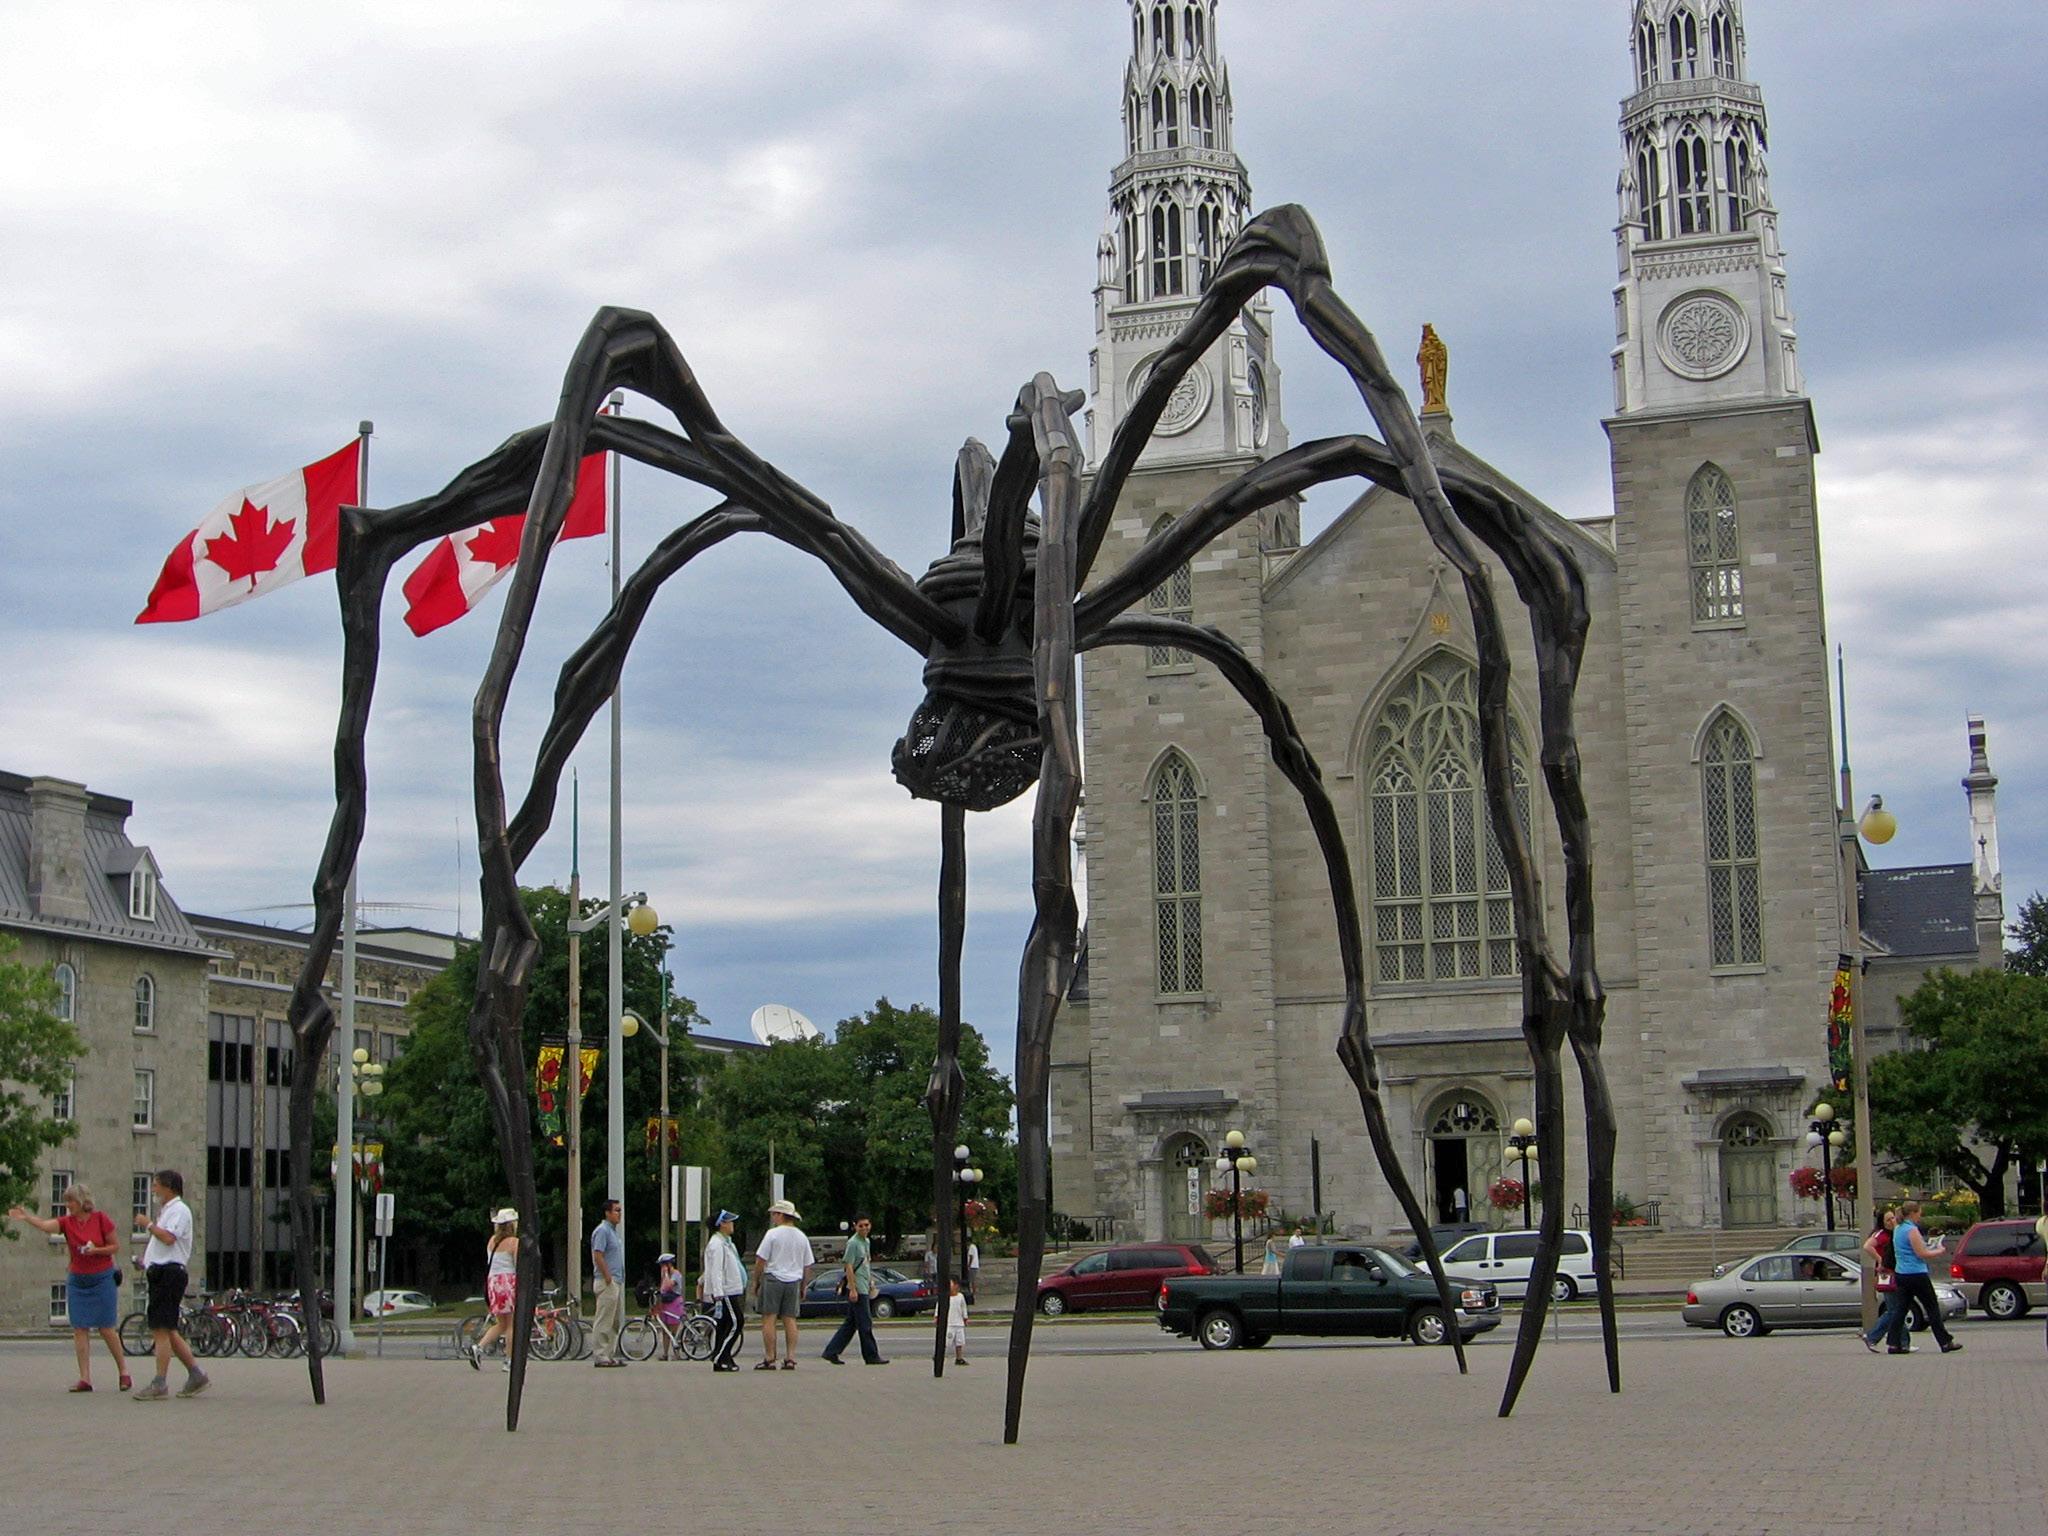 Ottawa Church Notre Dame Ottawa's Notre-dame Cathedral